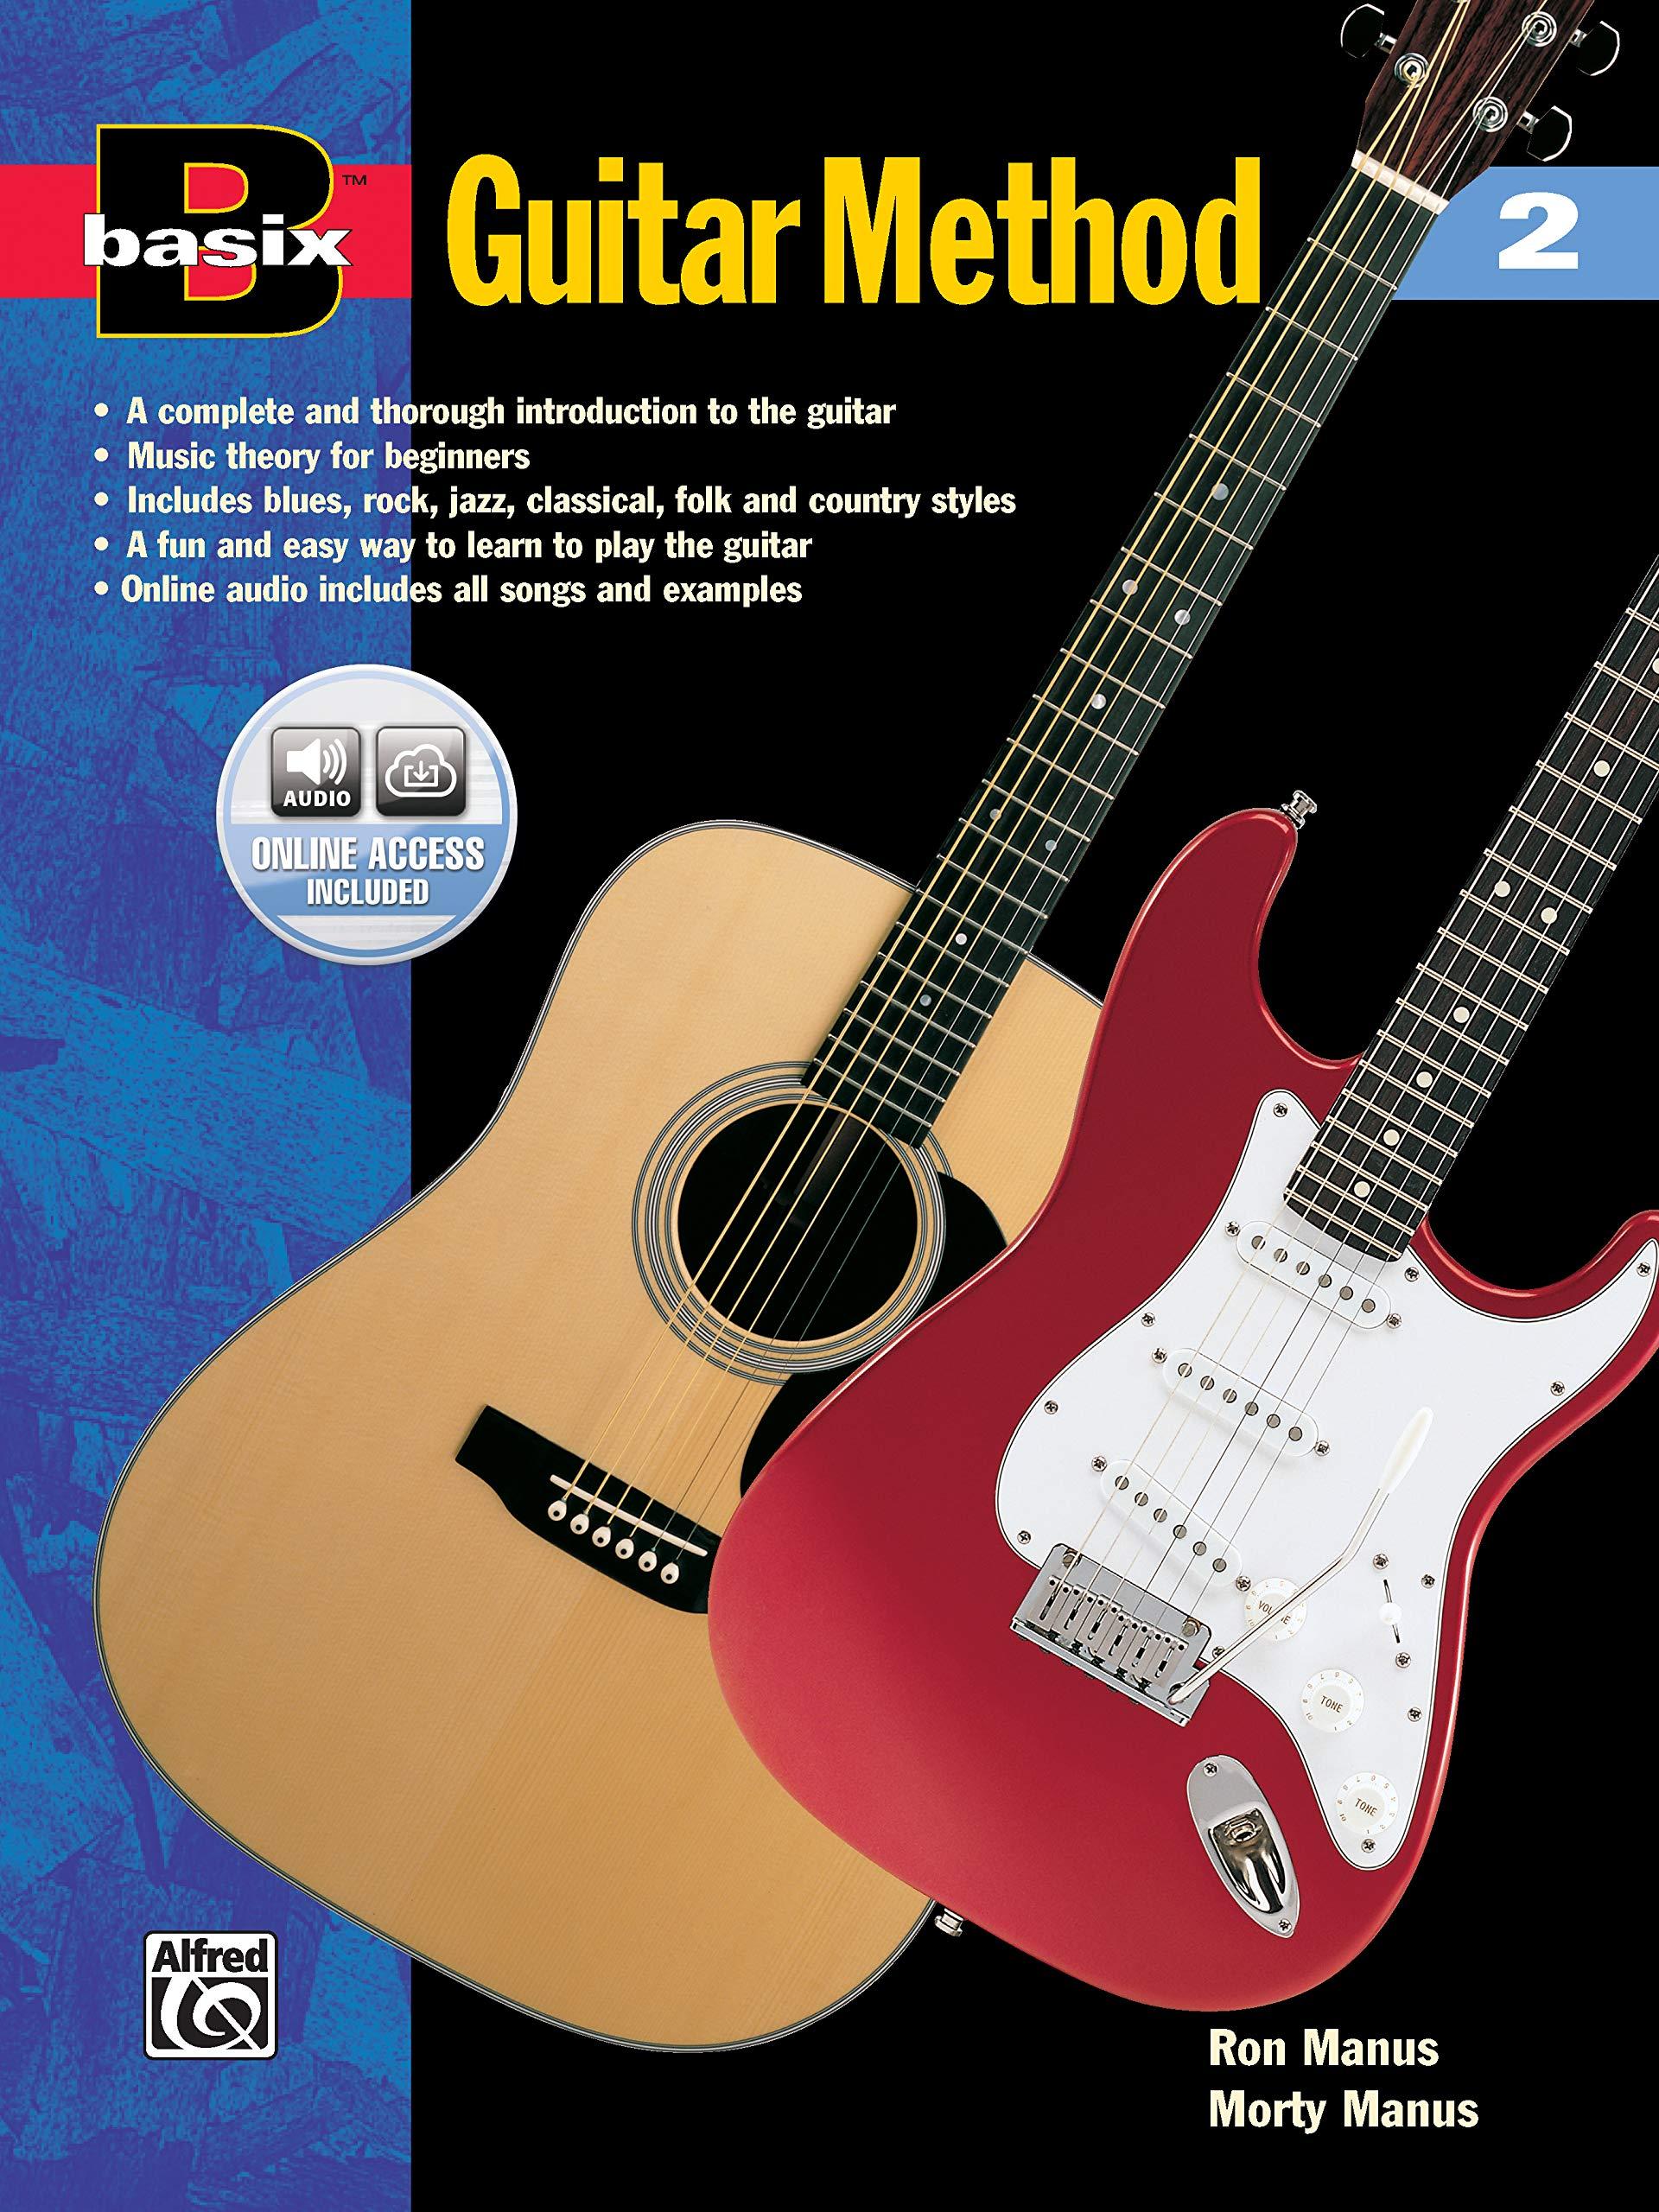 Basix Guitar Method 2 (Eng.): Amazon.es: Manus, Morton, Manus ...